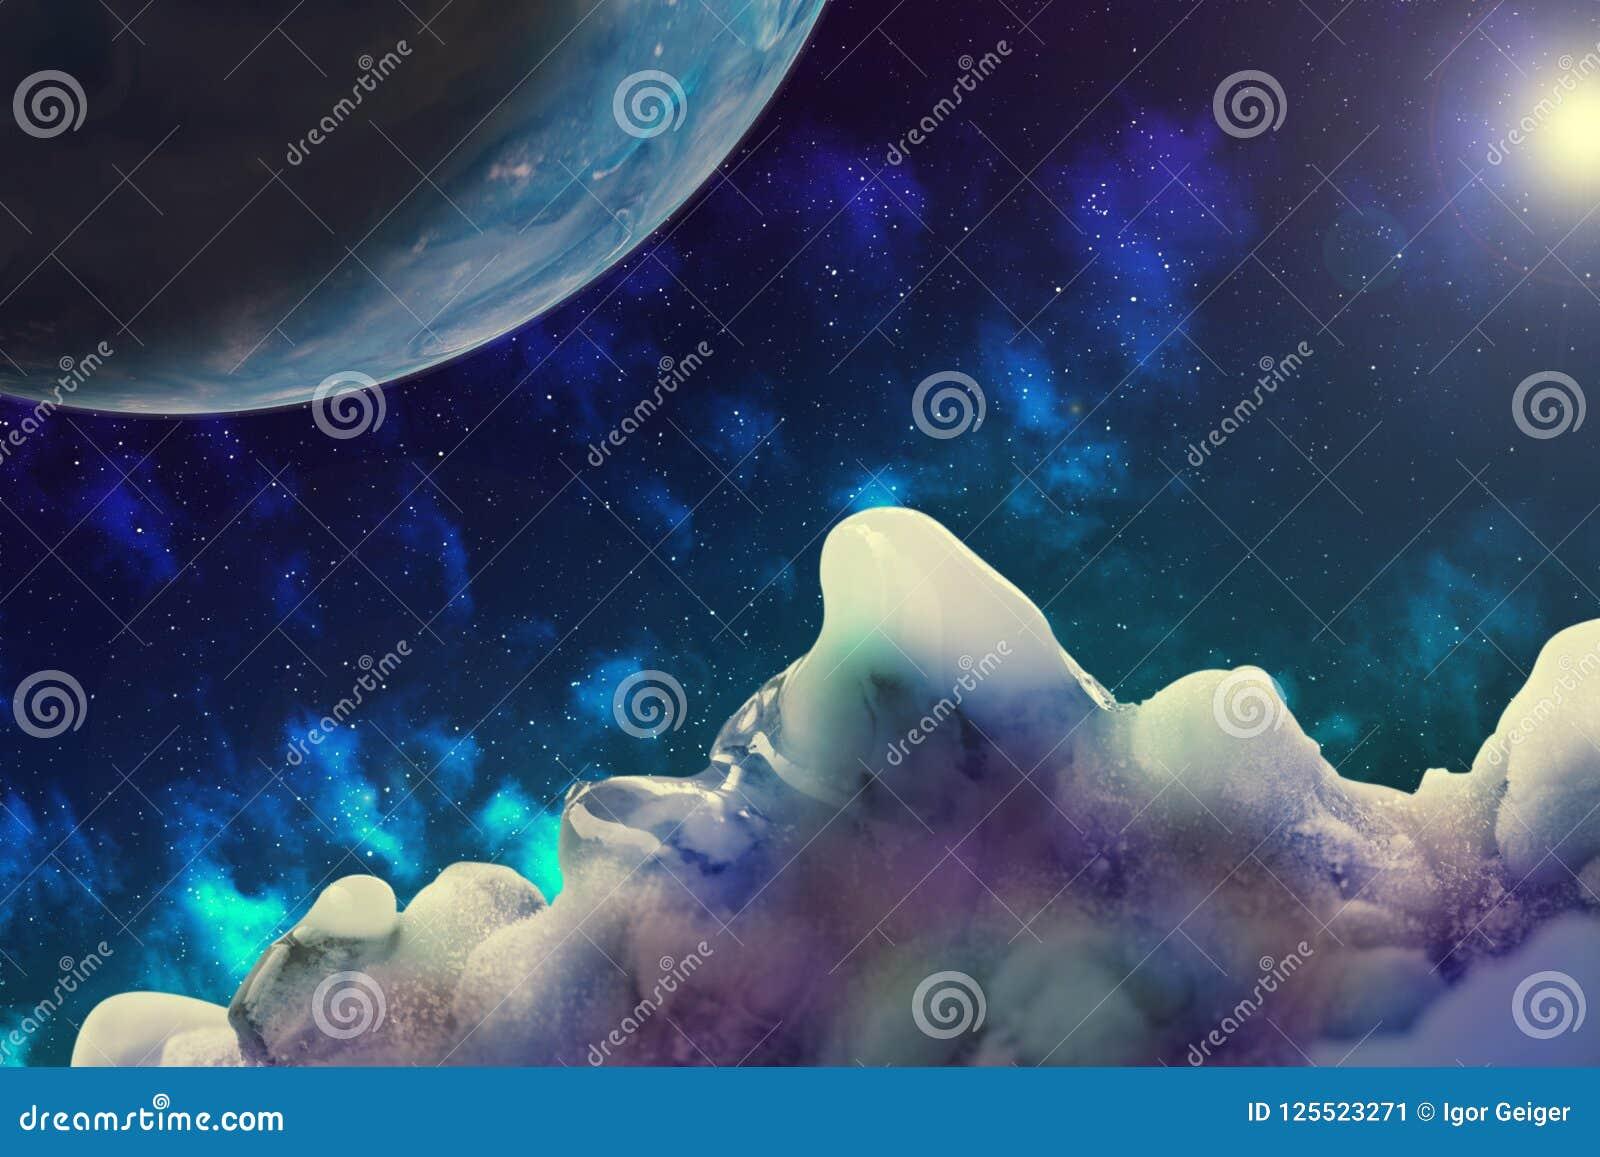 Imagem abstrata de uma ideia do espaço de um planeta desconhecido do gelo, IL